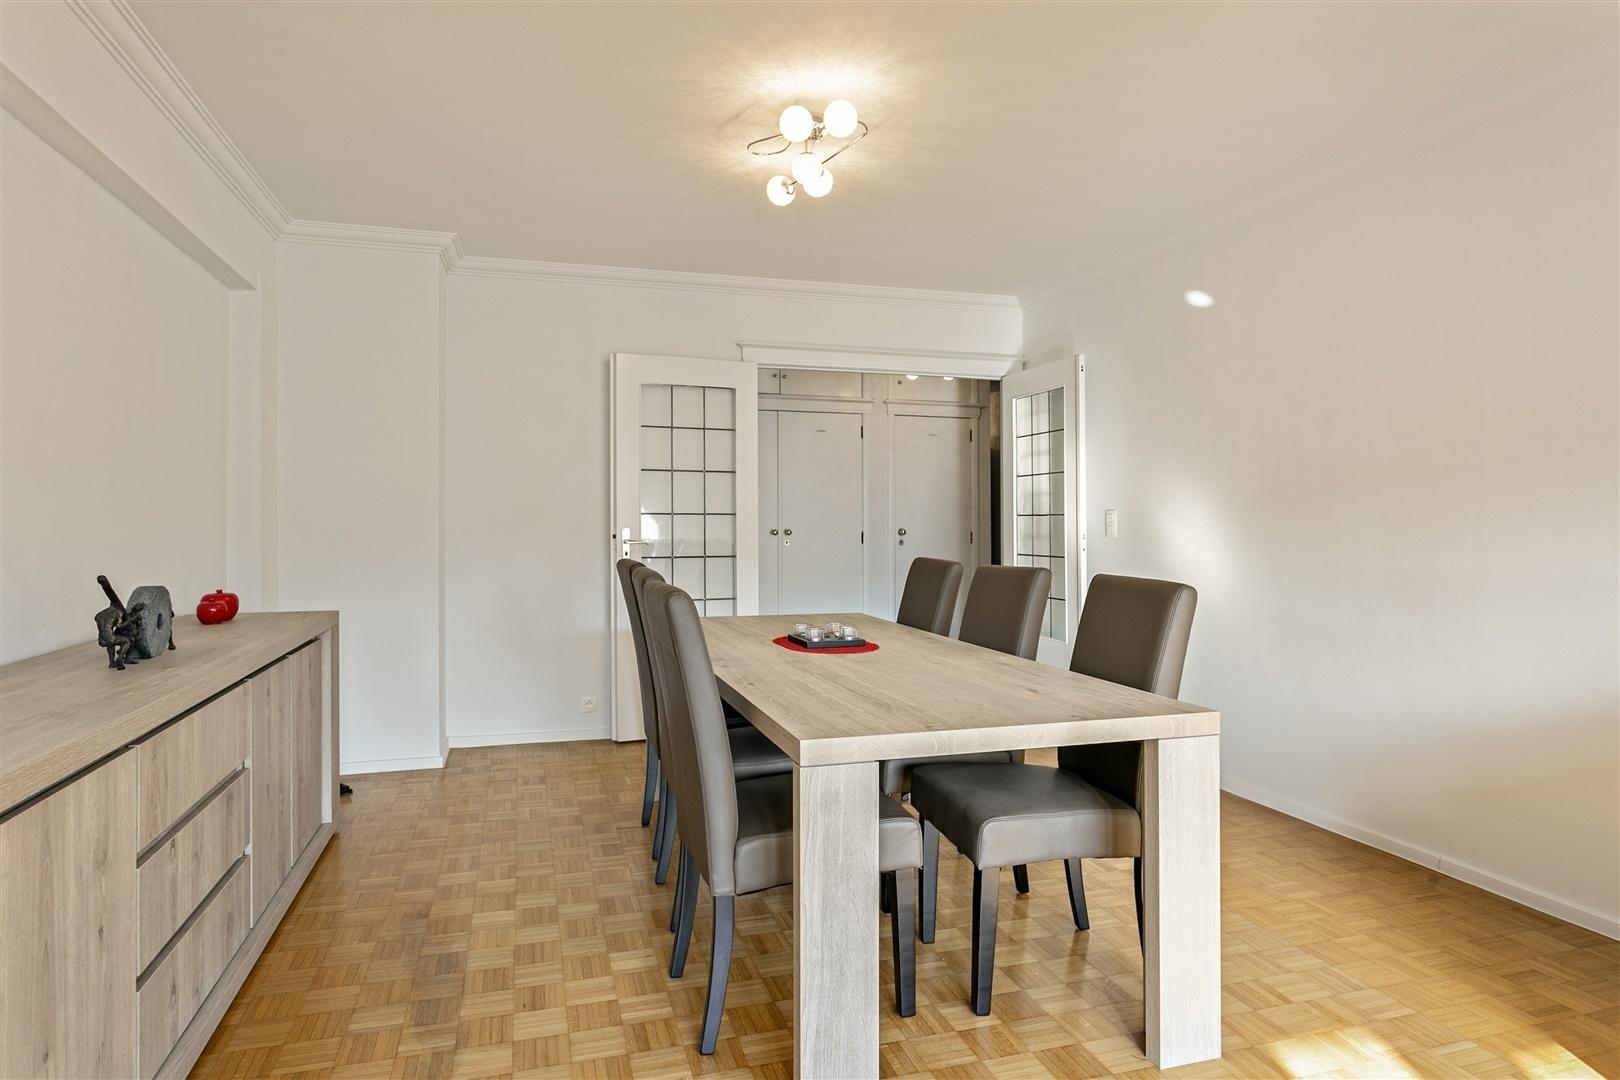 Instapklaar & gerenoveerd appartement met 3 slpk!